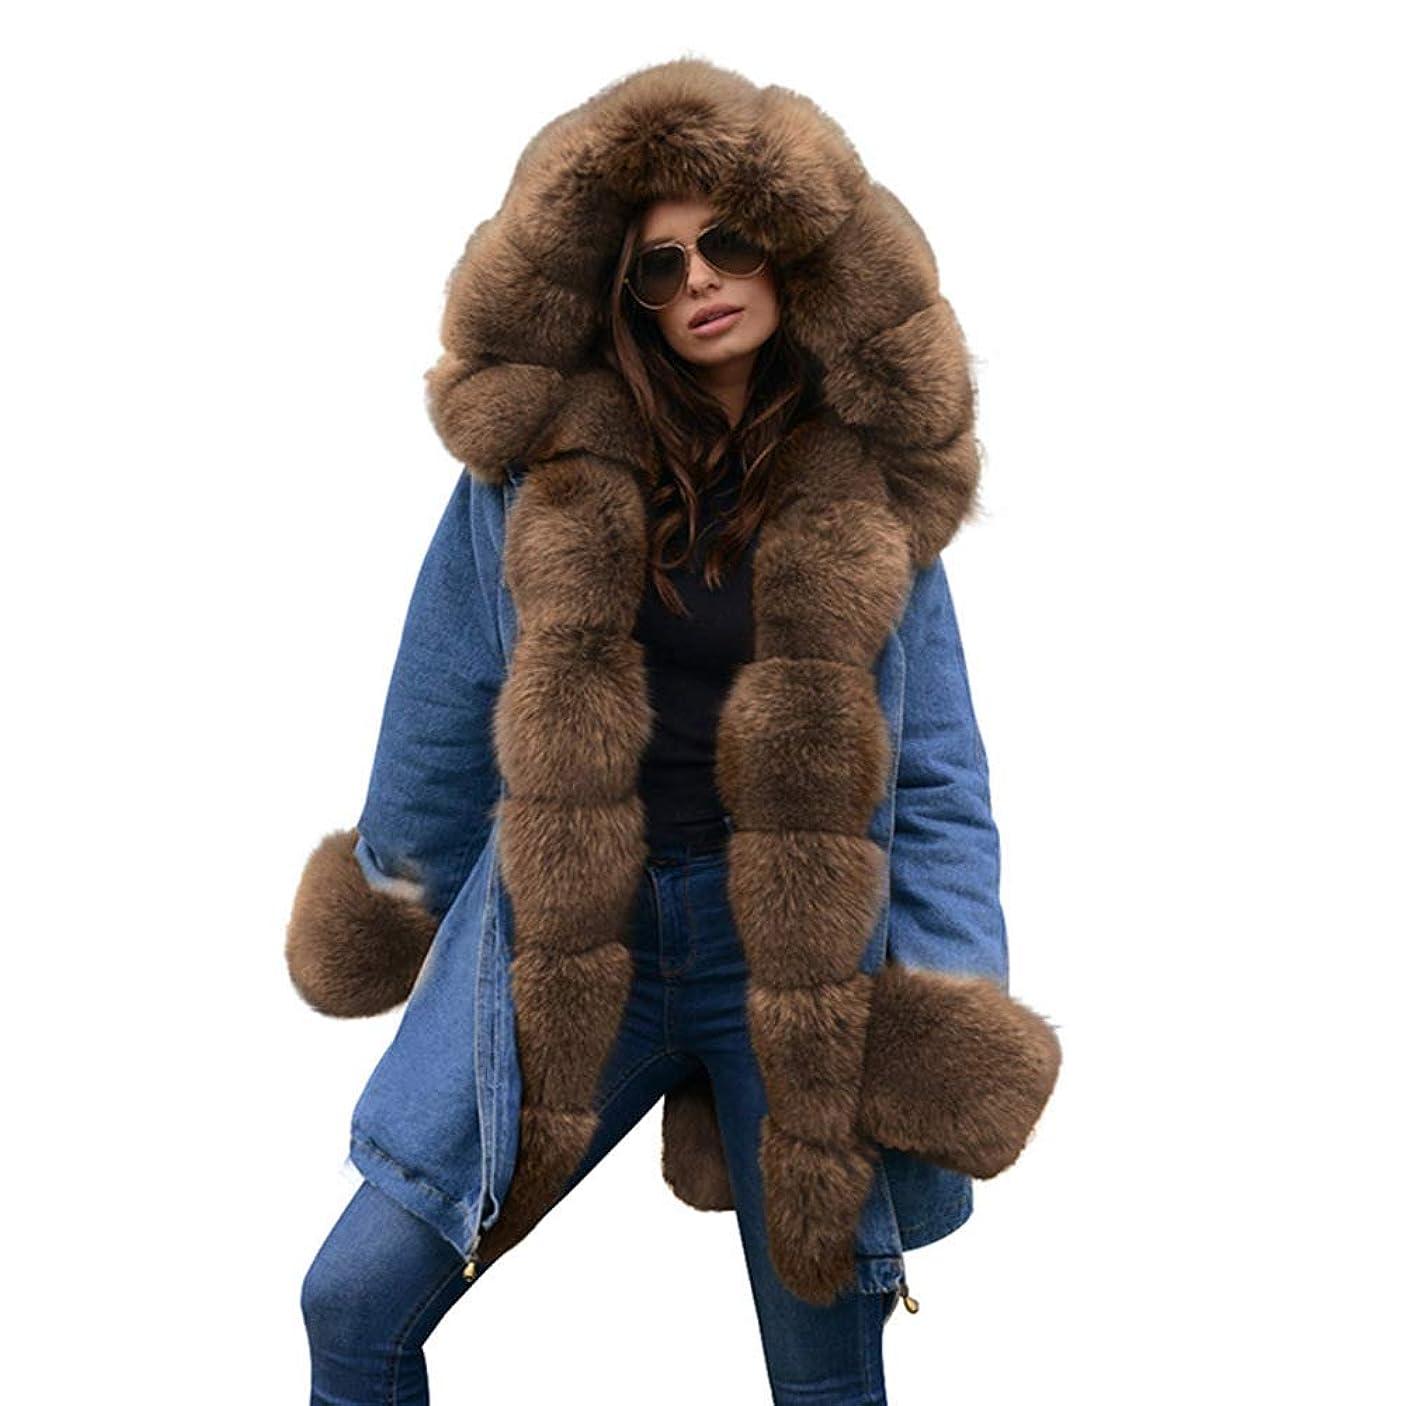 後建築ネックレット厚手フード付きジャケット女性ウィンターフェイクファーカラーコートコットンパットオーバーコートロングコートパーカスパーカ,S